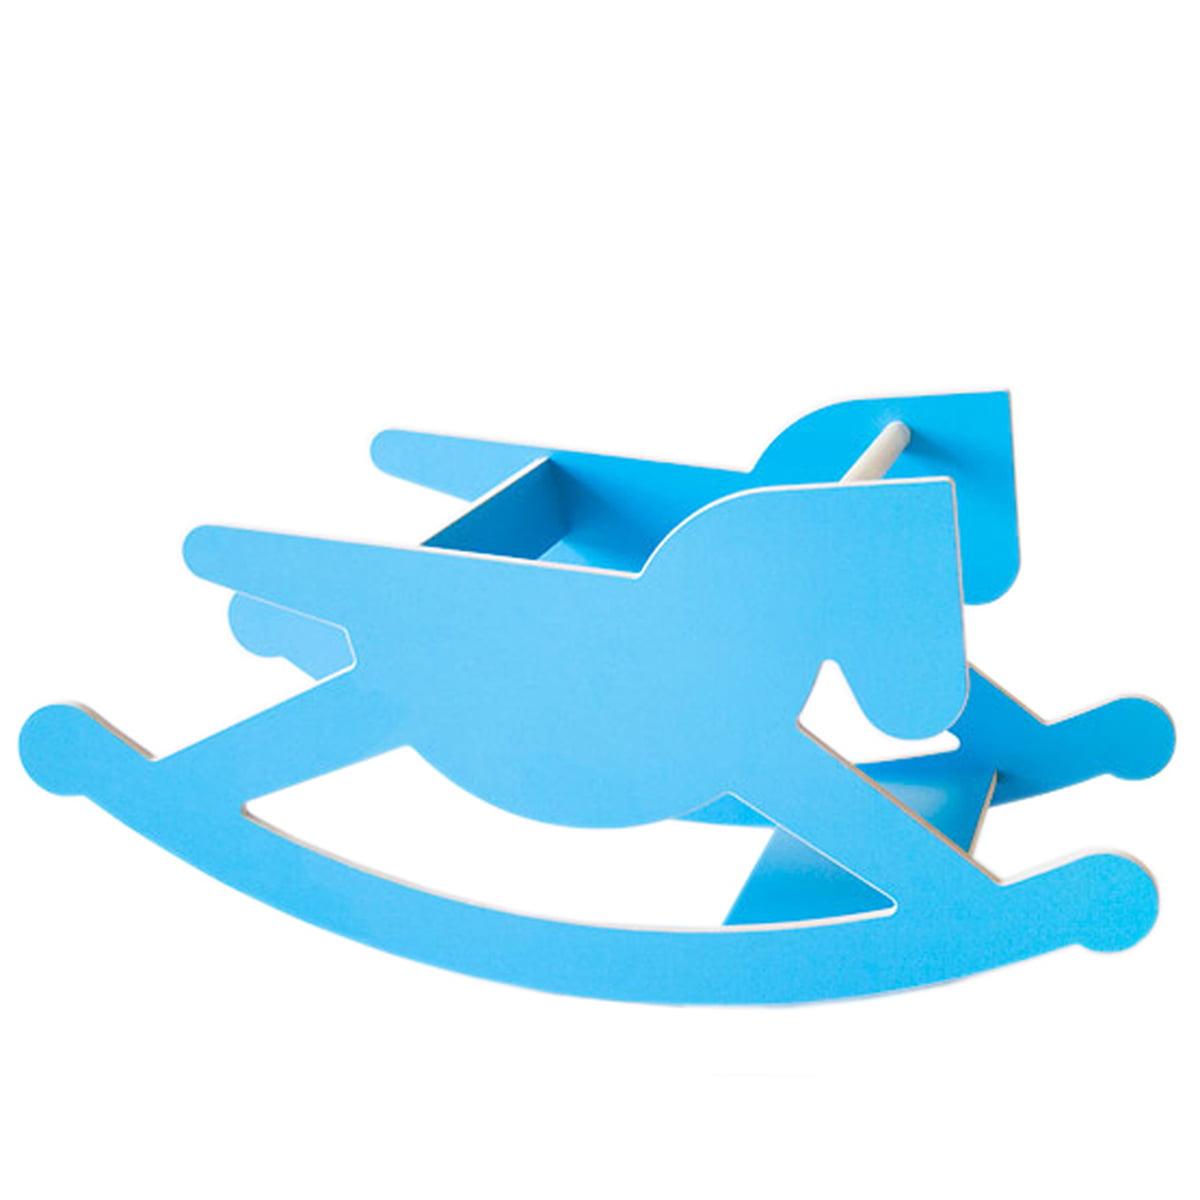 Kaether & Weise - doppel_hoppel Schaukelpferd, blau   Kinderzimmer > Spielzeuge > Schaukeln & Rutschen   Blau   Multiplex hpl beschichtet   Kaether & Weise